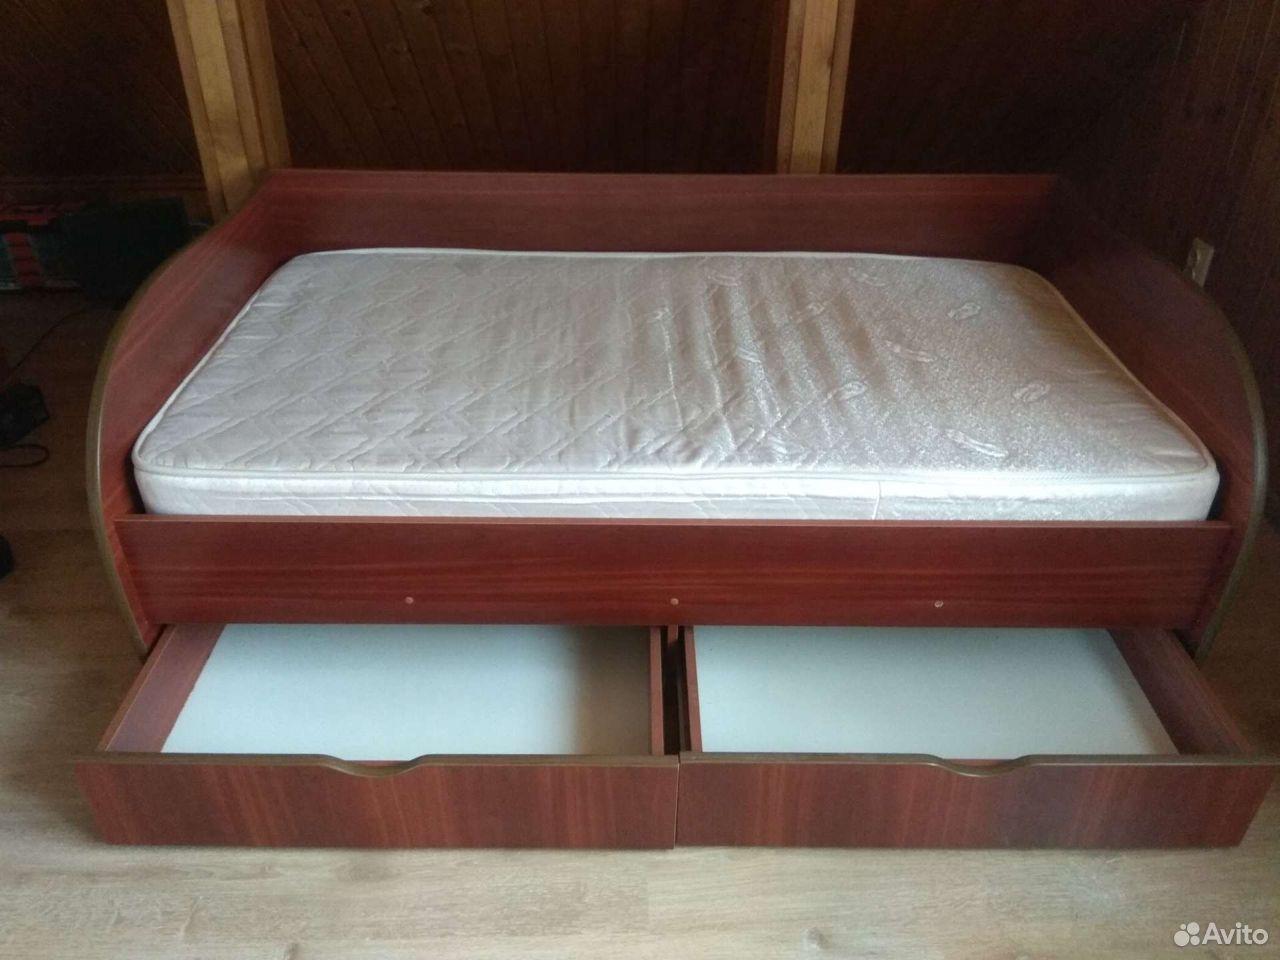 Кровать детская с матрасом. Размер 106 ширина,180